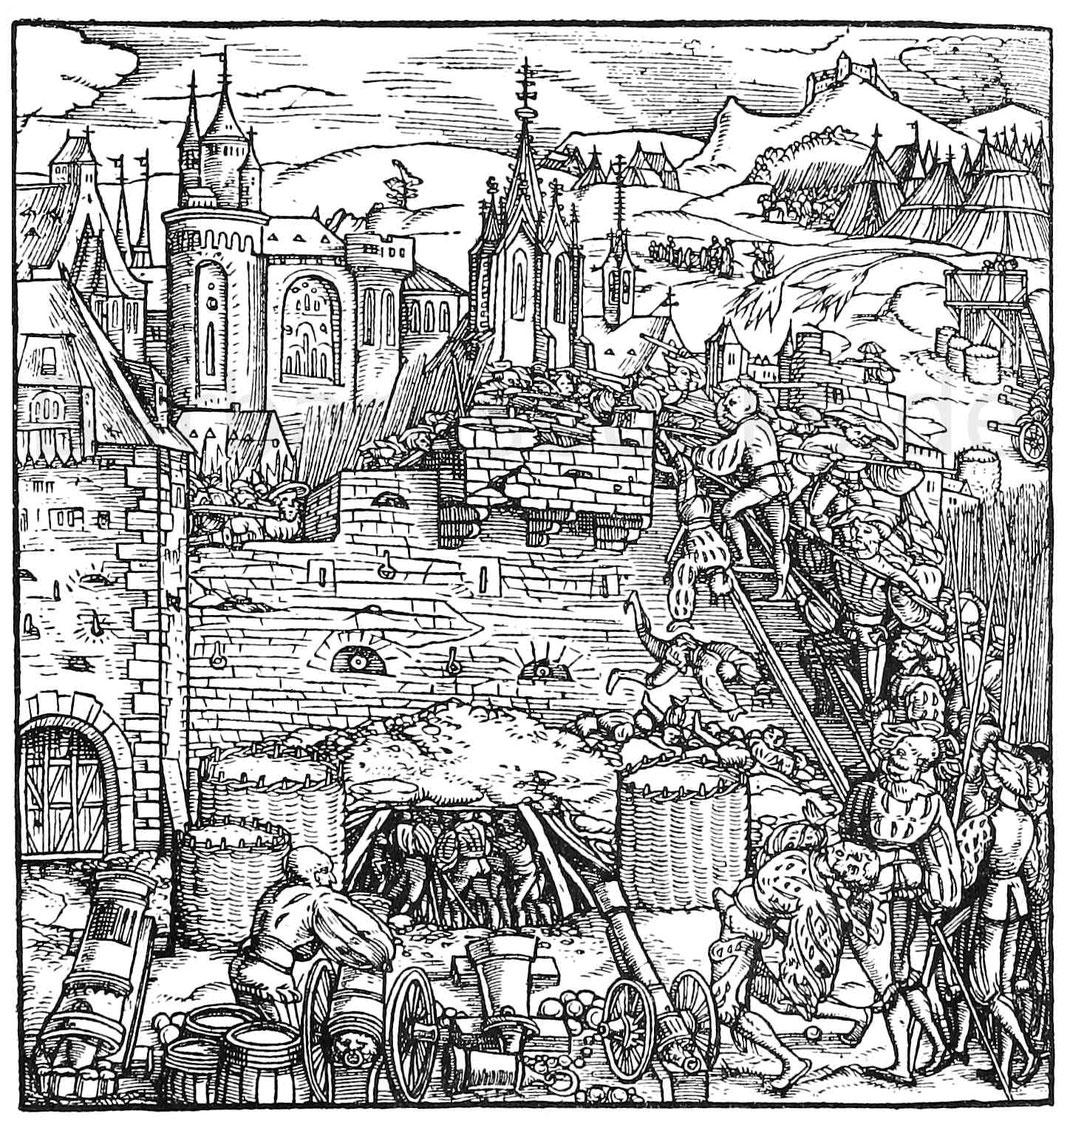 Belagerung und Aufschütten von Dämmen. Holzschnitt aus Livius. Mainz 1523.